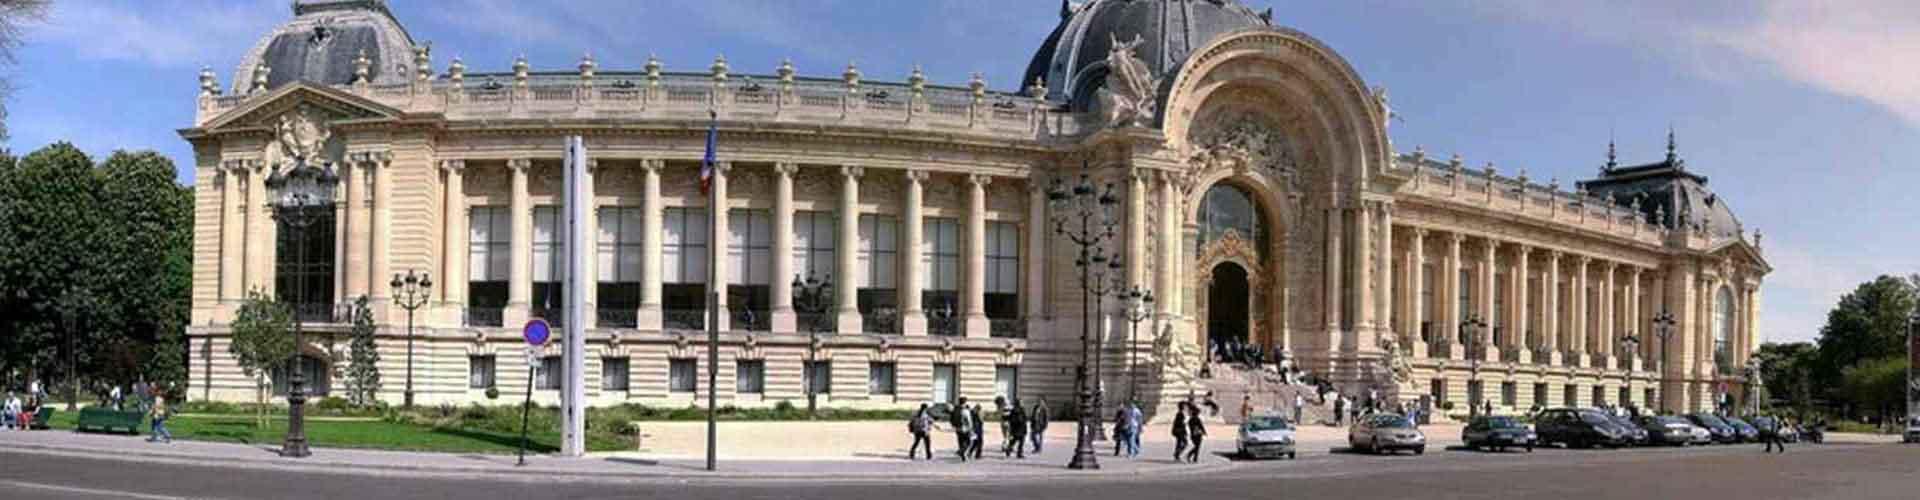 파리 - 쁘띠 팔레와 가까운 호스텔. 파리의 지도, 파리에 위치한 호스텔 사진 및 후기 정보.